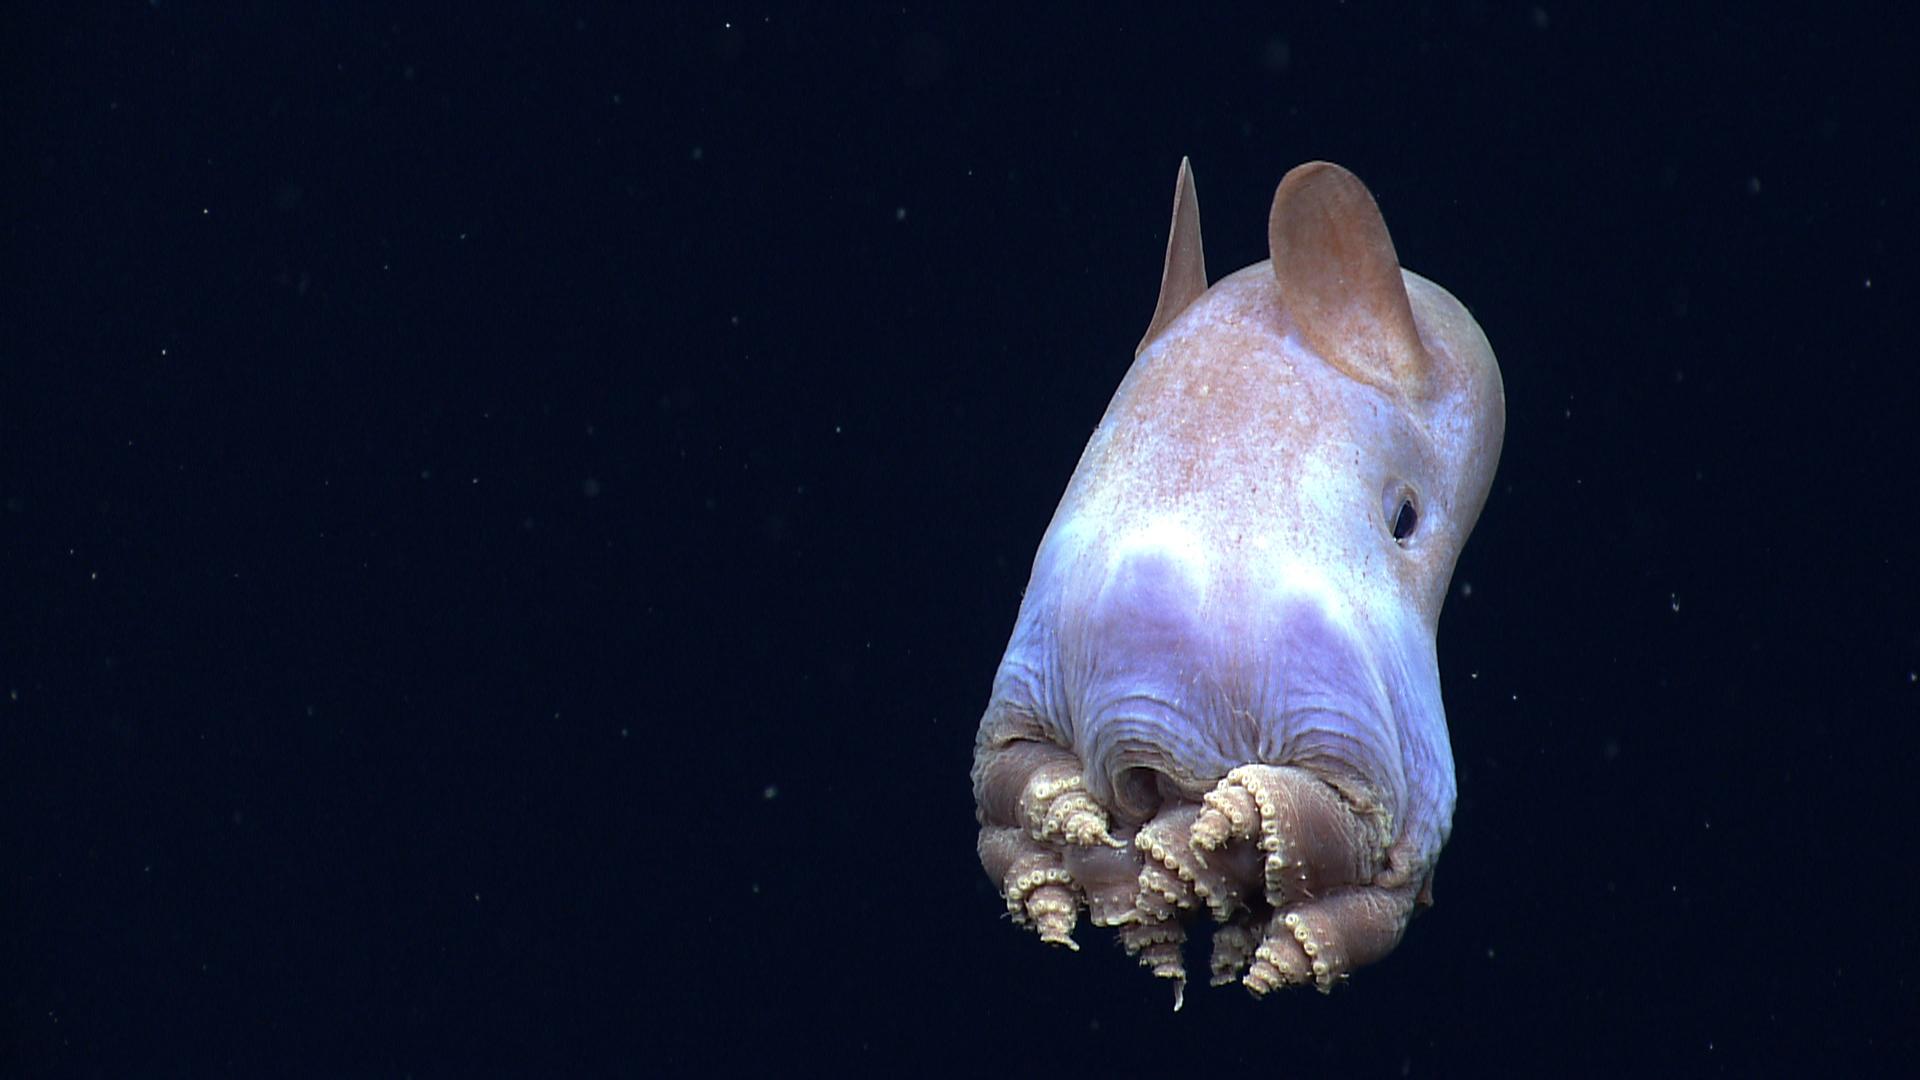 Dumbo ahtapotu 3000-4000 metre derinlikte yaşıyor.